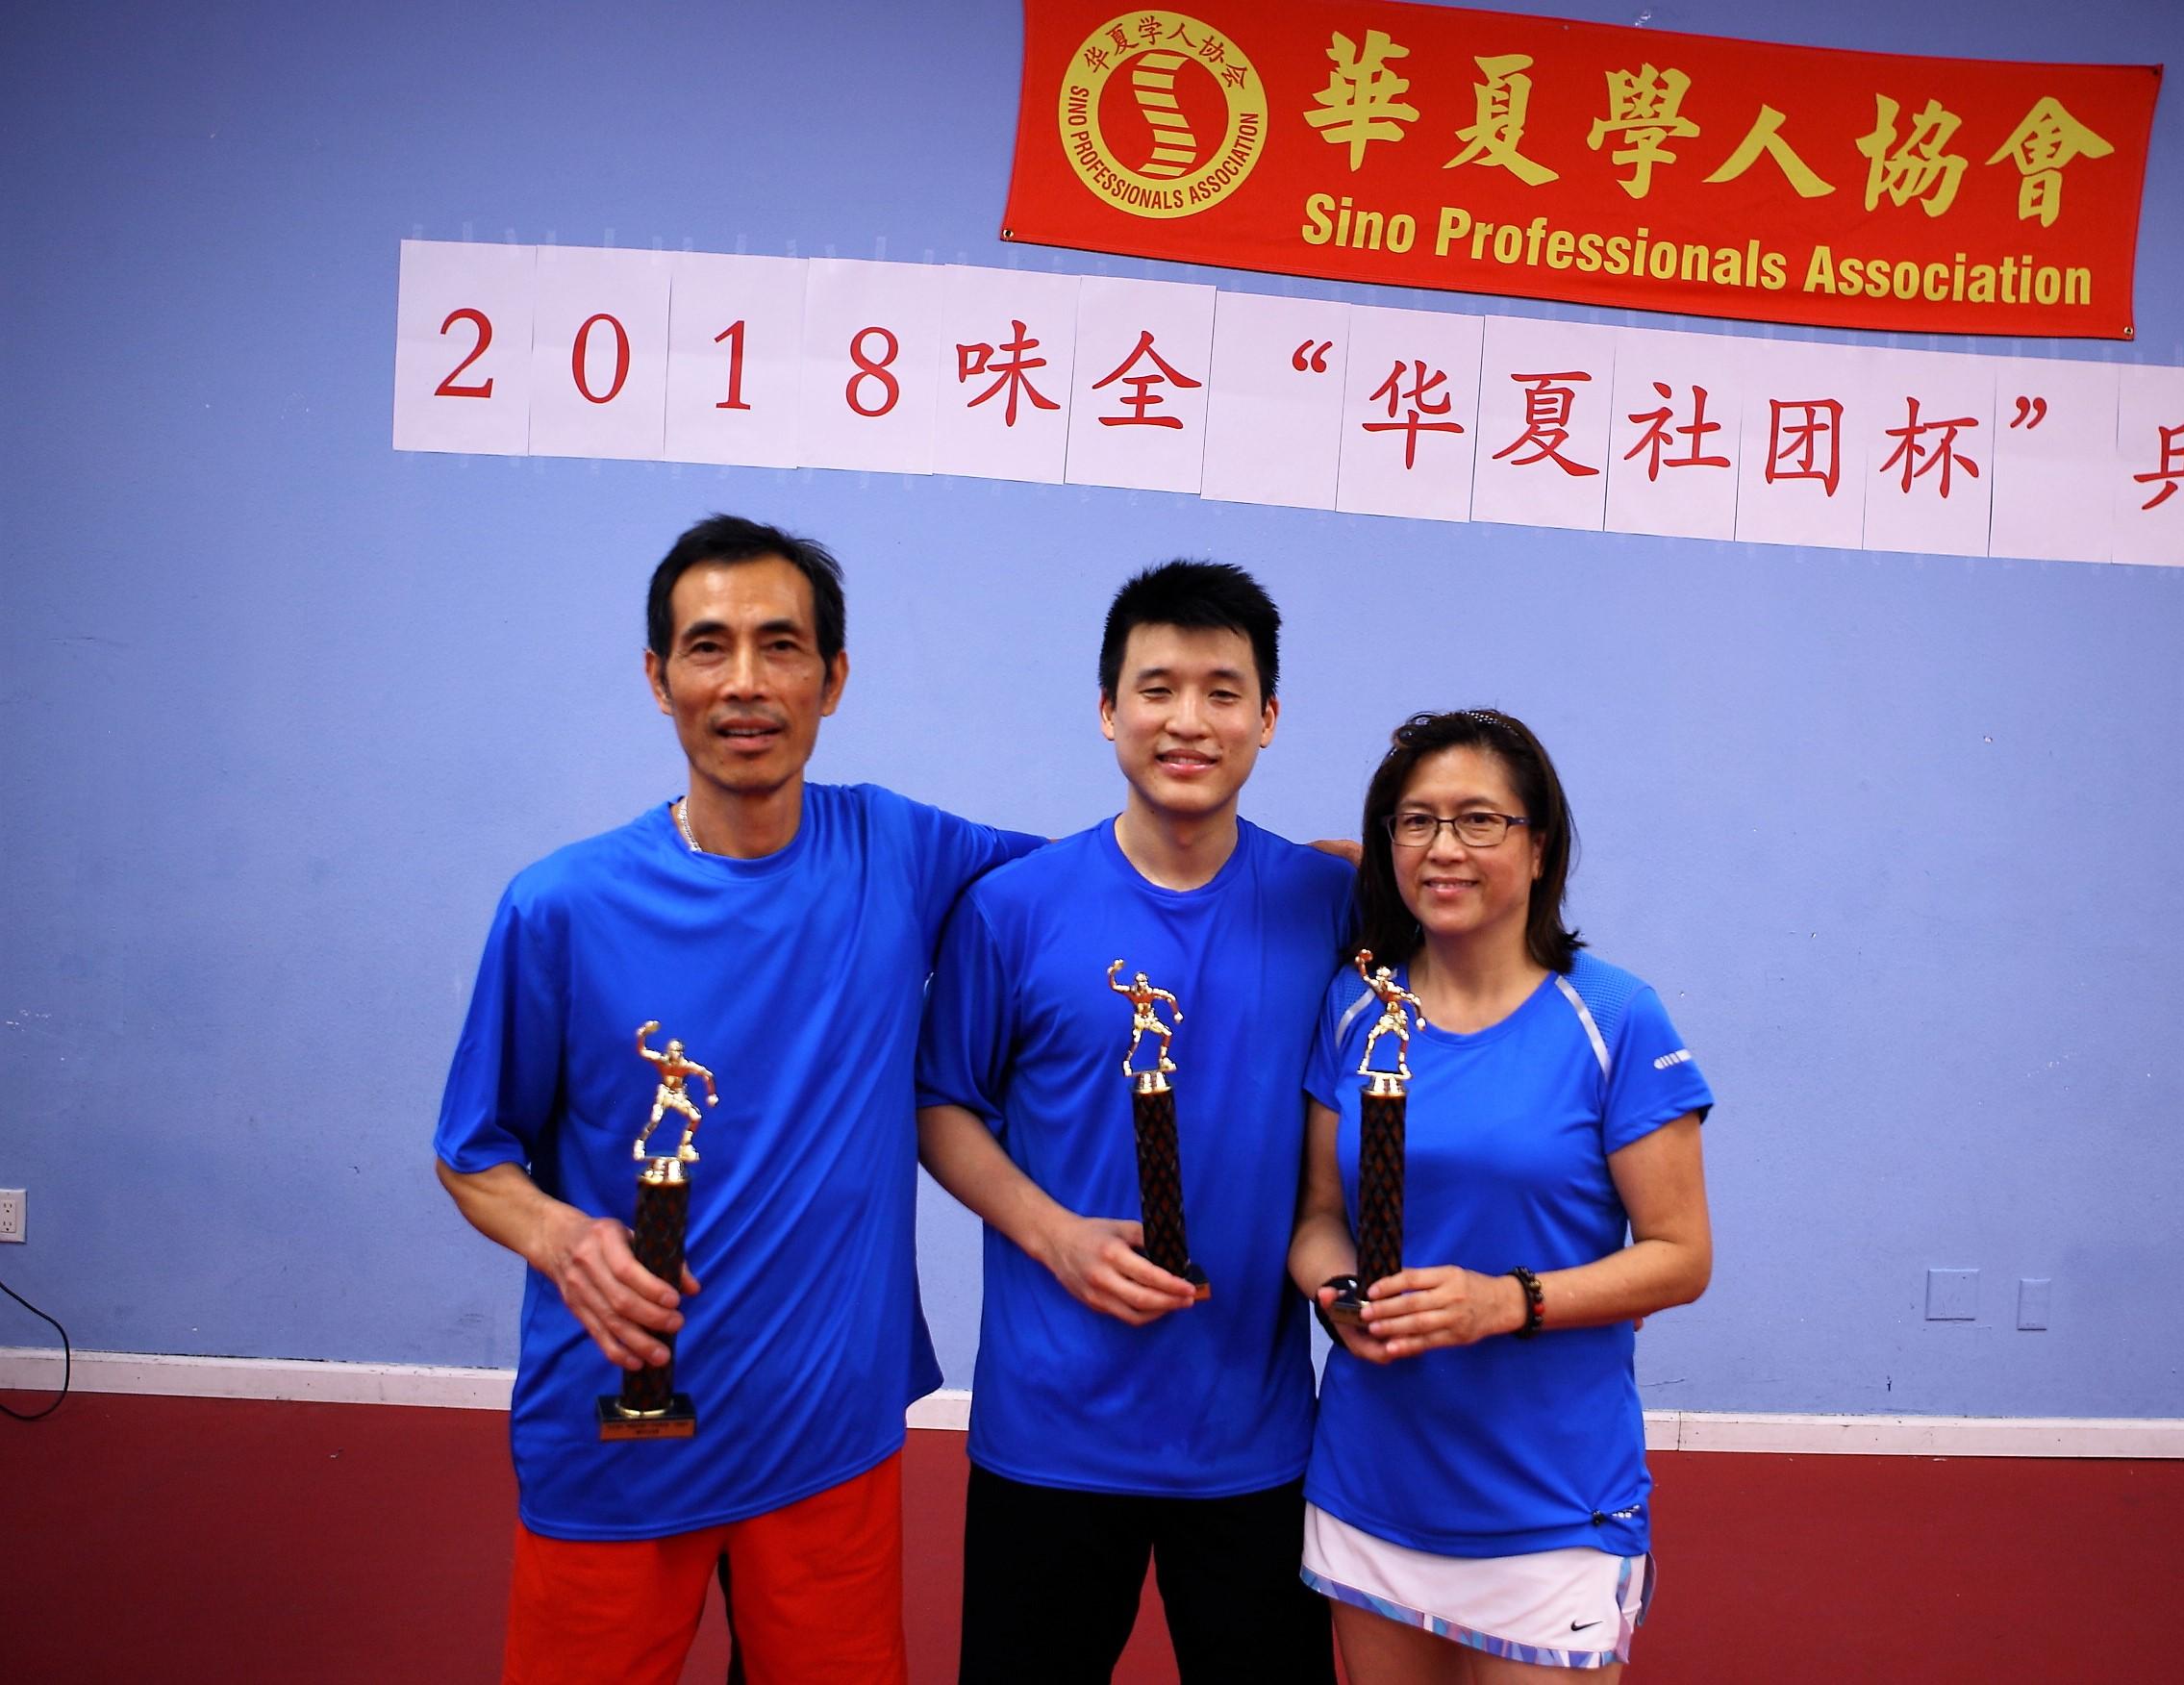 GuangDong_GroupB_Champion_002.JPG